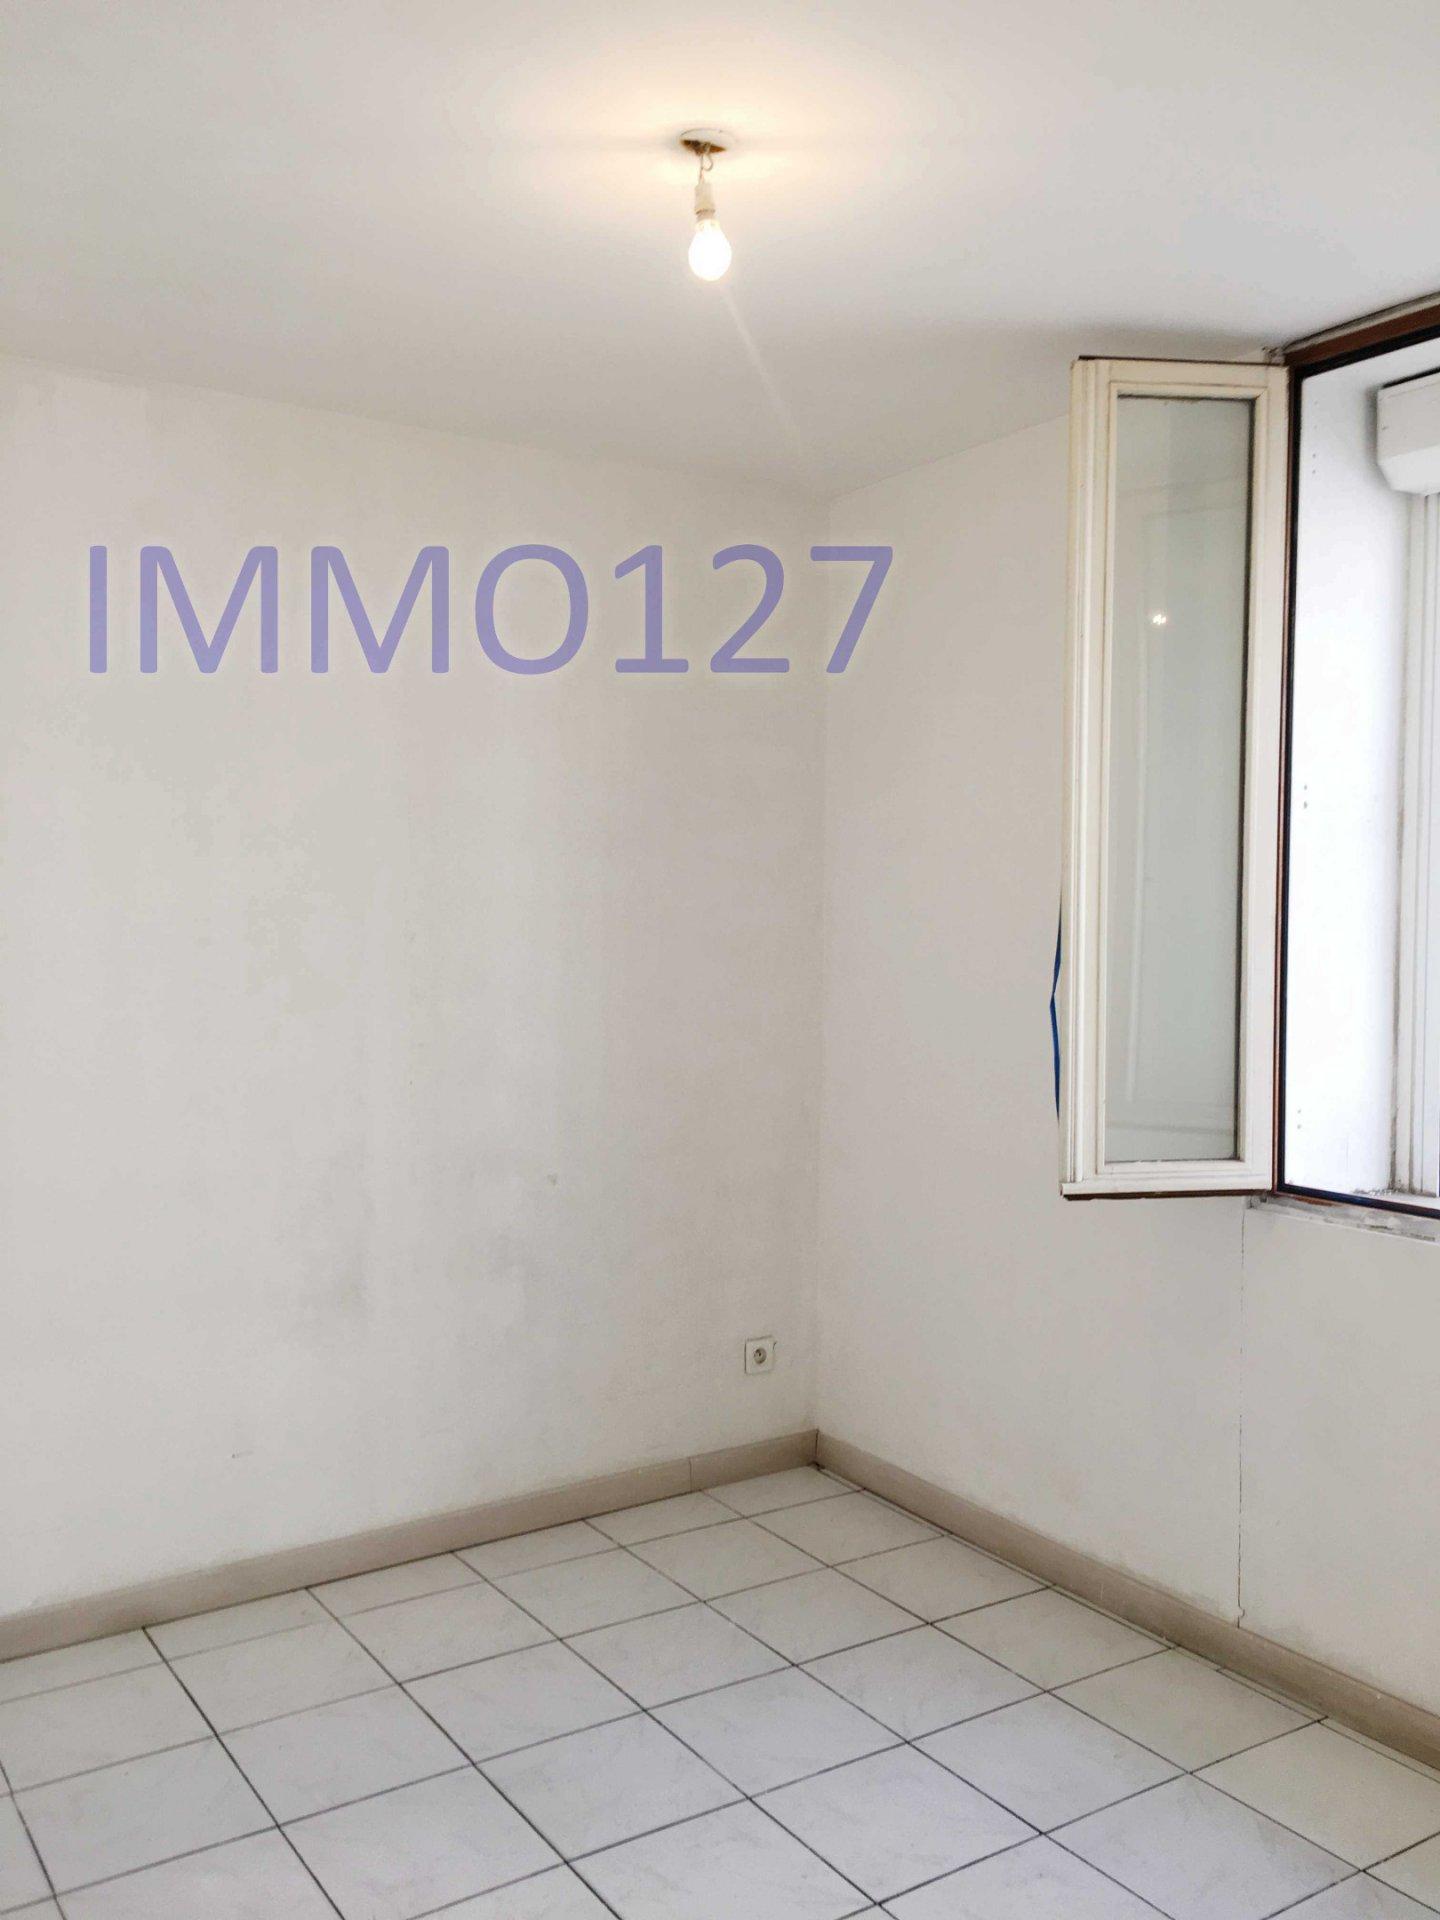 SOUS COMPROMIS Vente bel appartement de type 3 de 48m2 au calme traversant quartier Camas 13005 Marseille